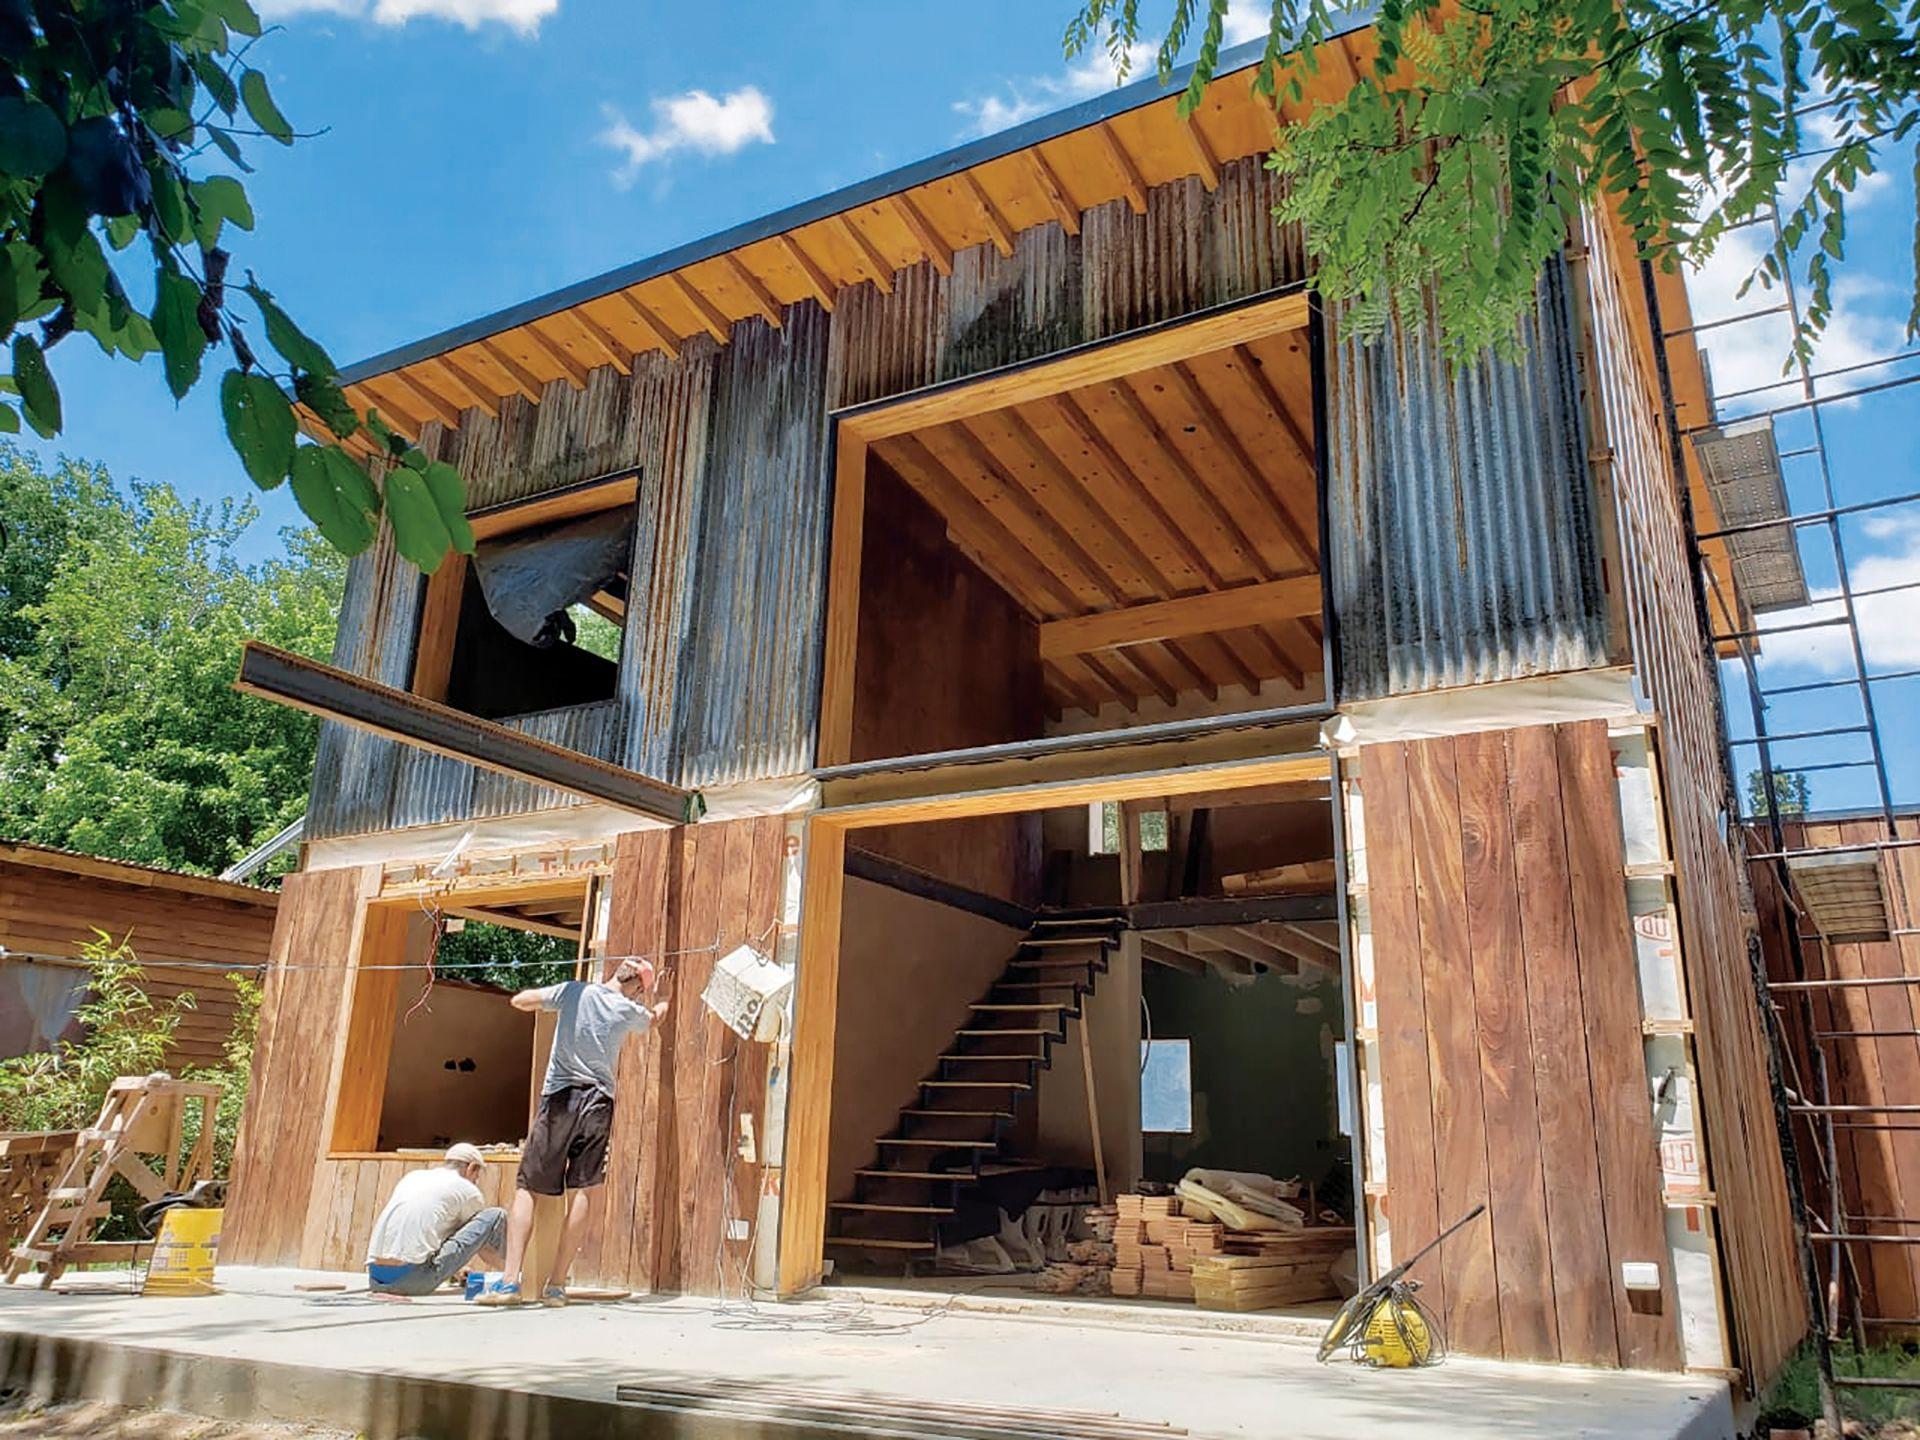 Casa de quincha en Buenos Aires. Gentileza: Brahma Arquitectura. El INTI trabaja en conjunto con la Red Protierra Argentina, que nuclea a quienes están enfocados en el desarrollo responsable de construcciones con tierra.